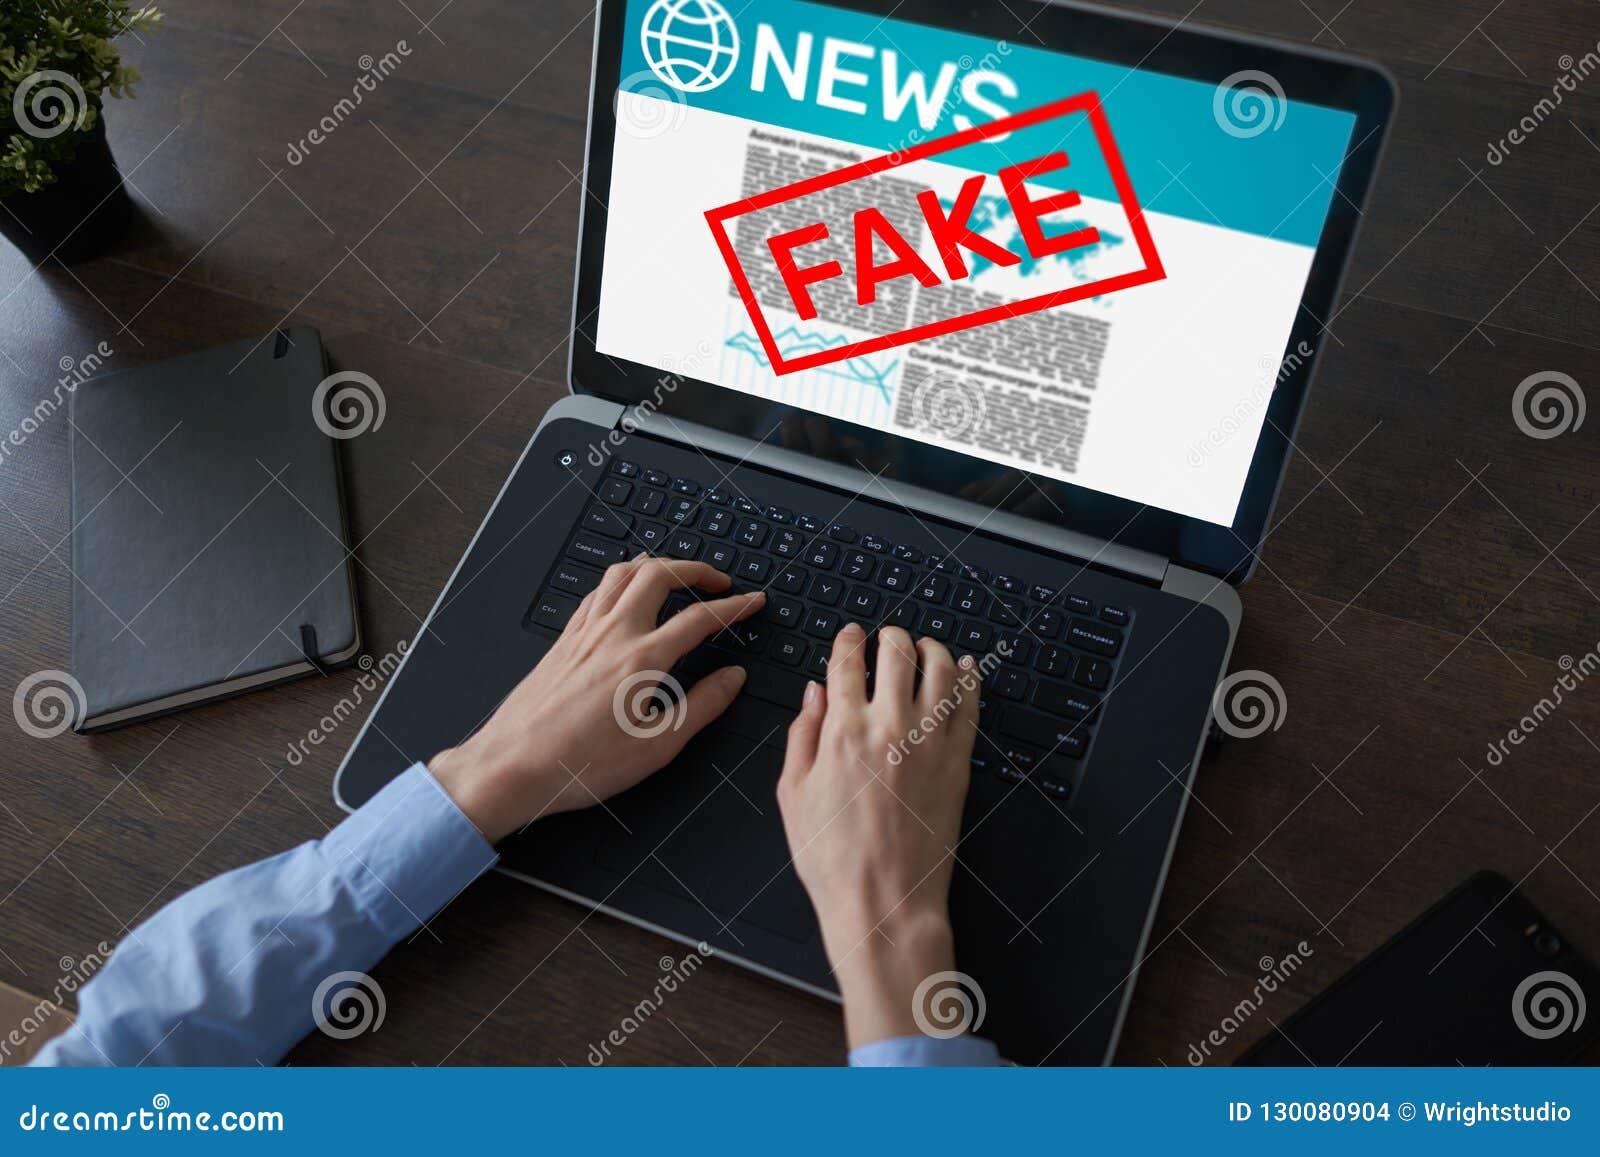 Sfałszowanego wiadomości manipulacji TV Medialnego dezinformacja technologii Gazetowy Biznesowy Internetowy pojęcie